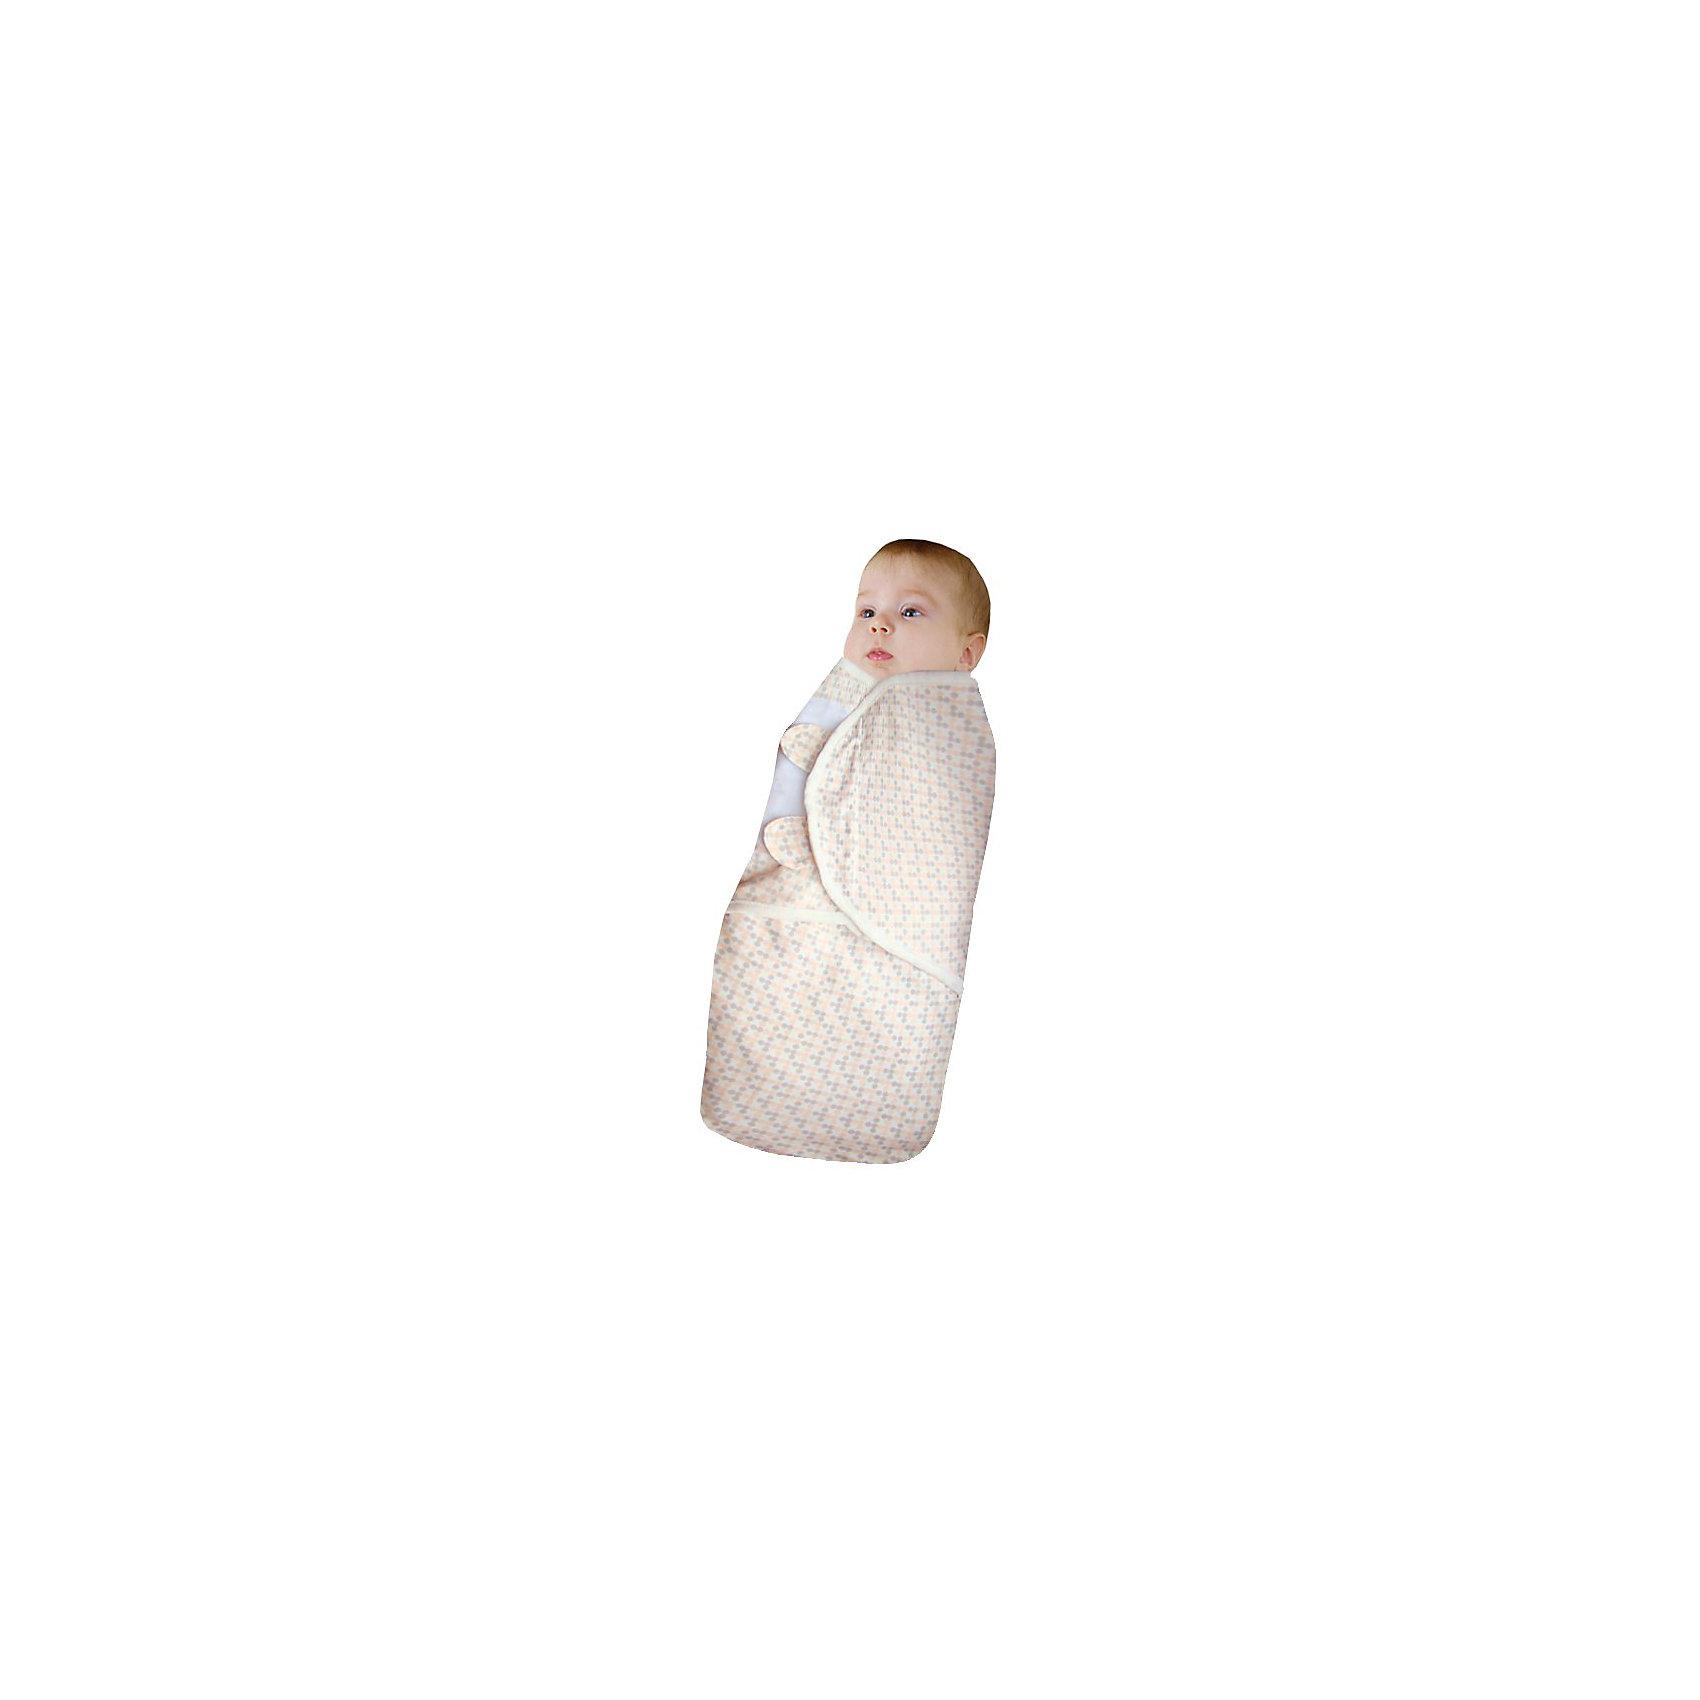 СуперМаМкет Пеленка на липучках хлопок ID-102, СуперМаМкет, мозайка пеленка для свободного пеленания